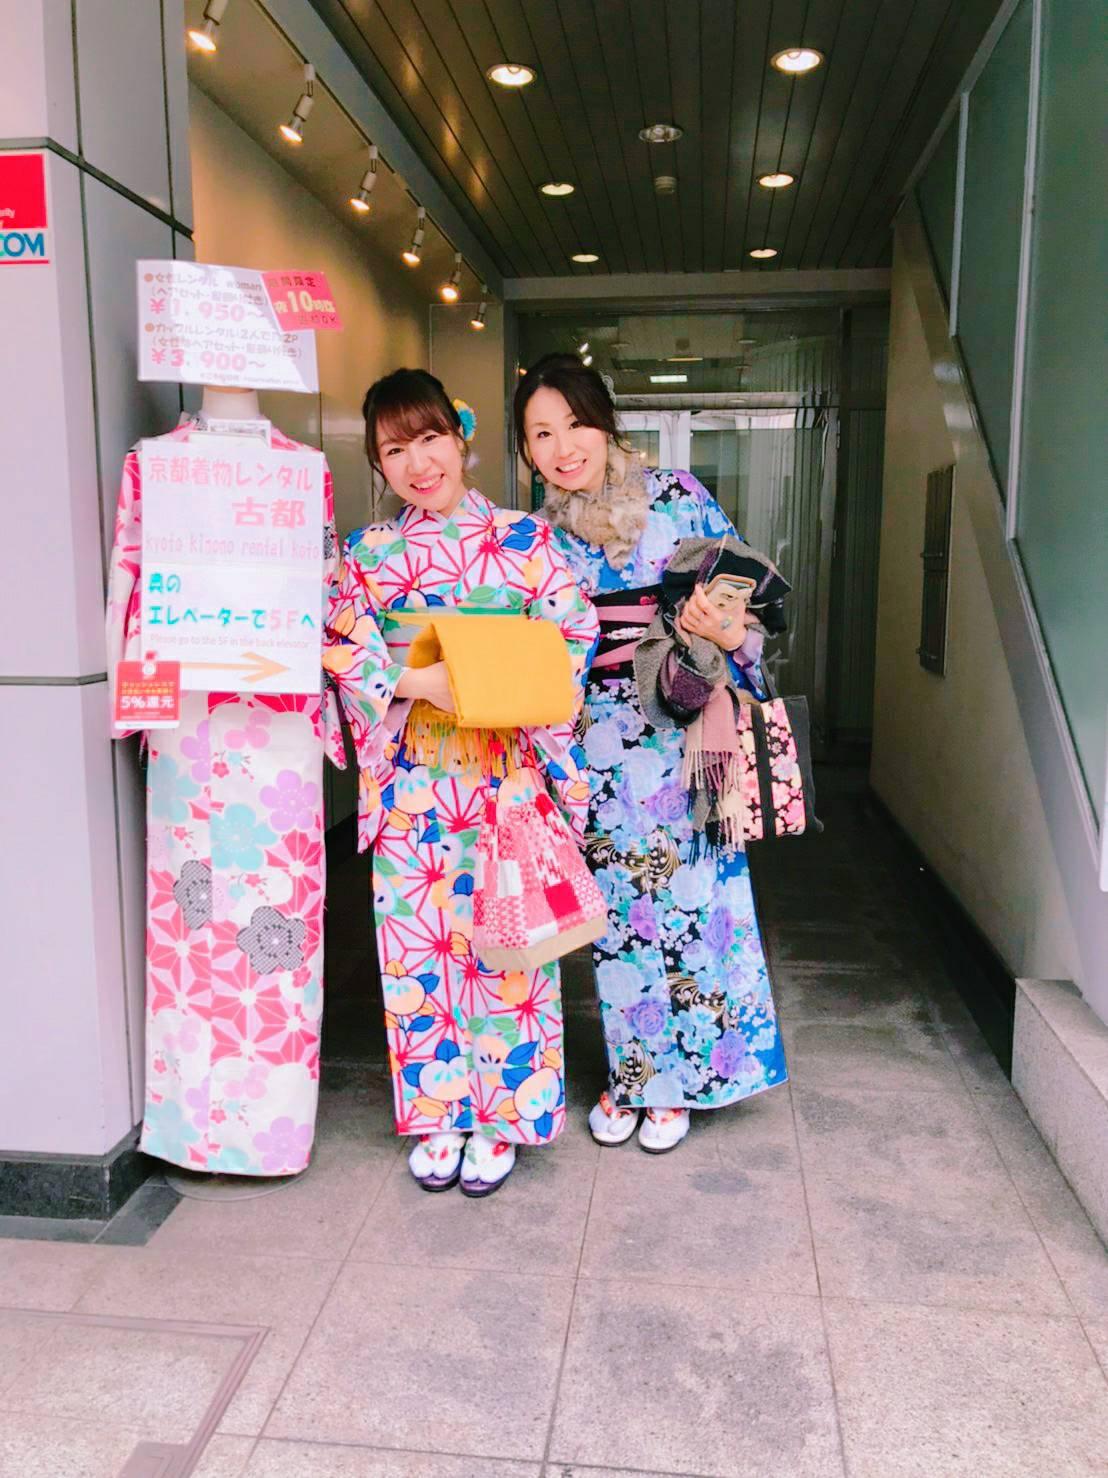 リピーター様❣人気店の「京菜味 のむら」へ2019年12月7日3